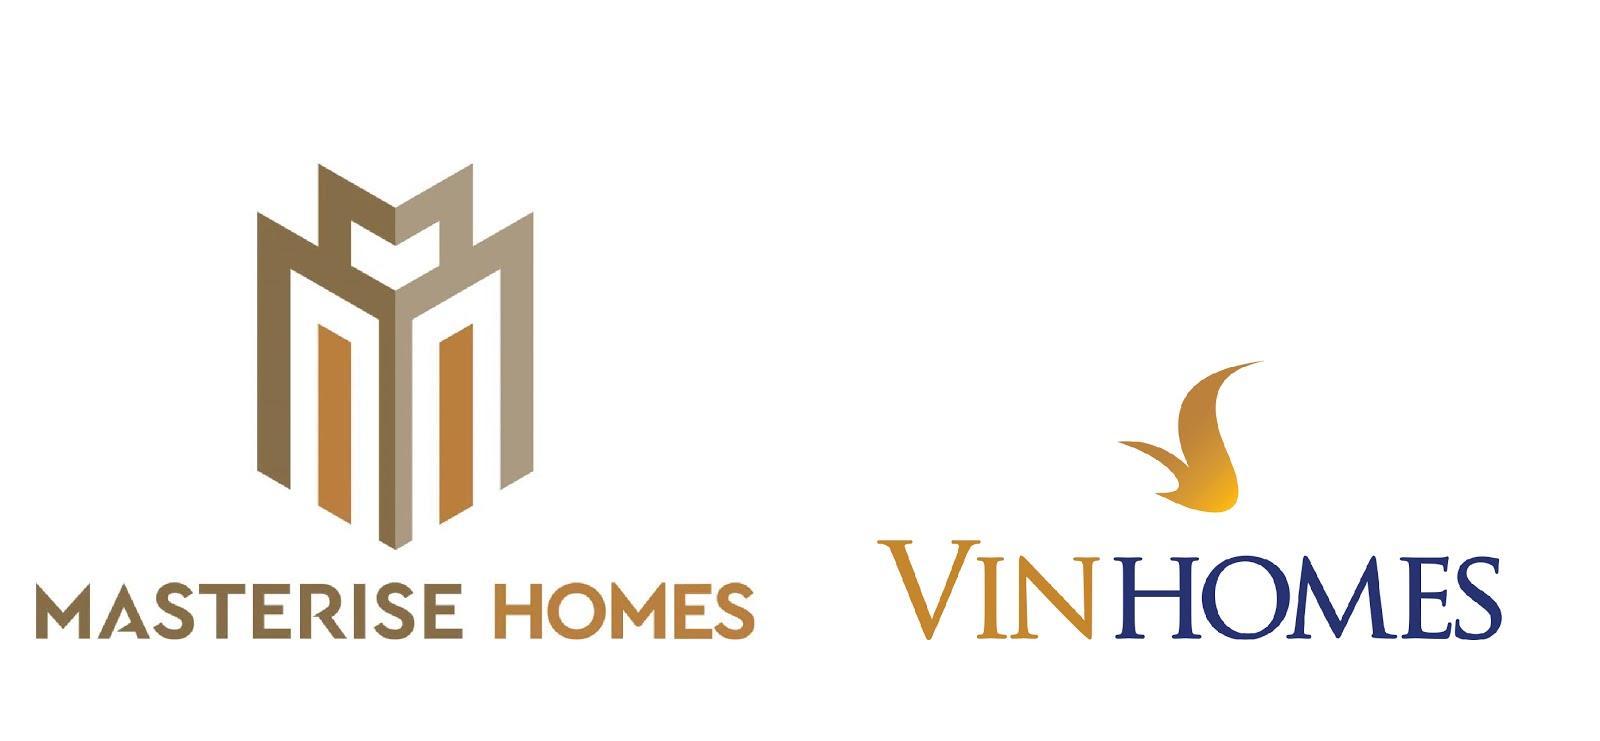 Thương hiệu Masterise Homes và Vinhomes